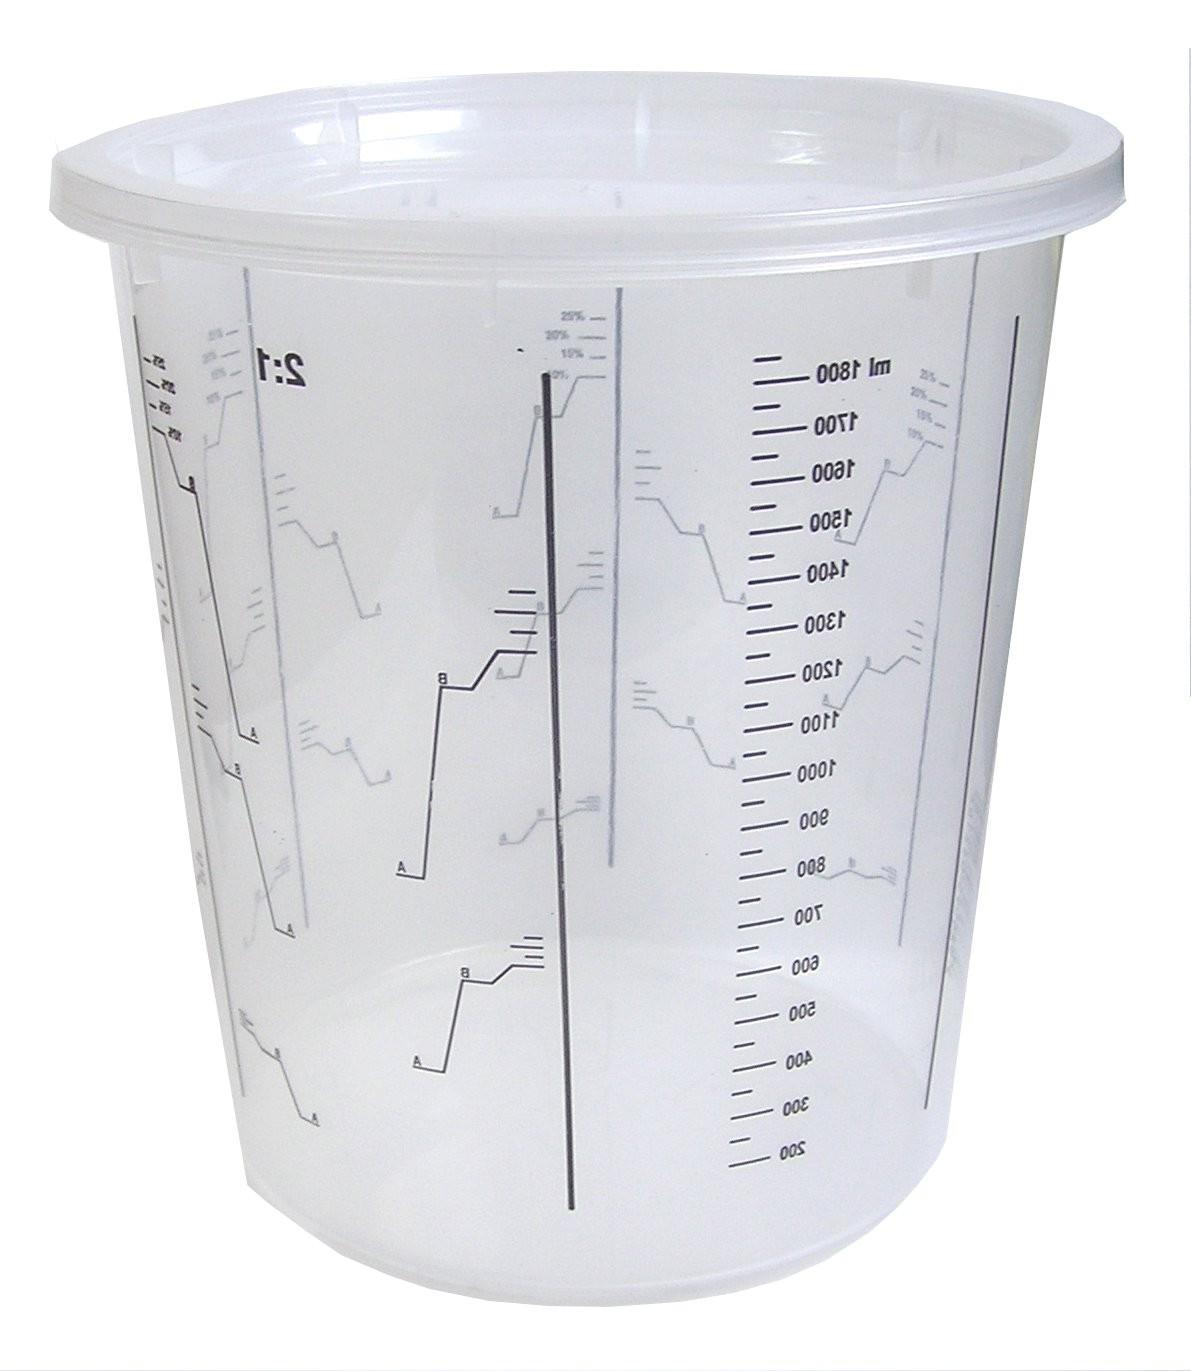 K2 KUBEK LAKIERNICZY 1300 ml z podziałką